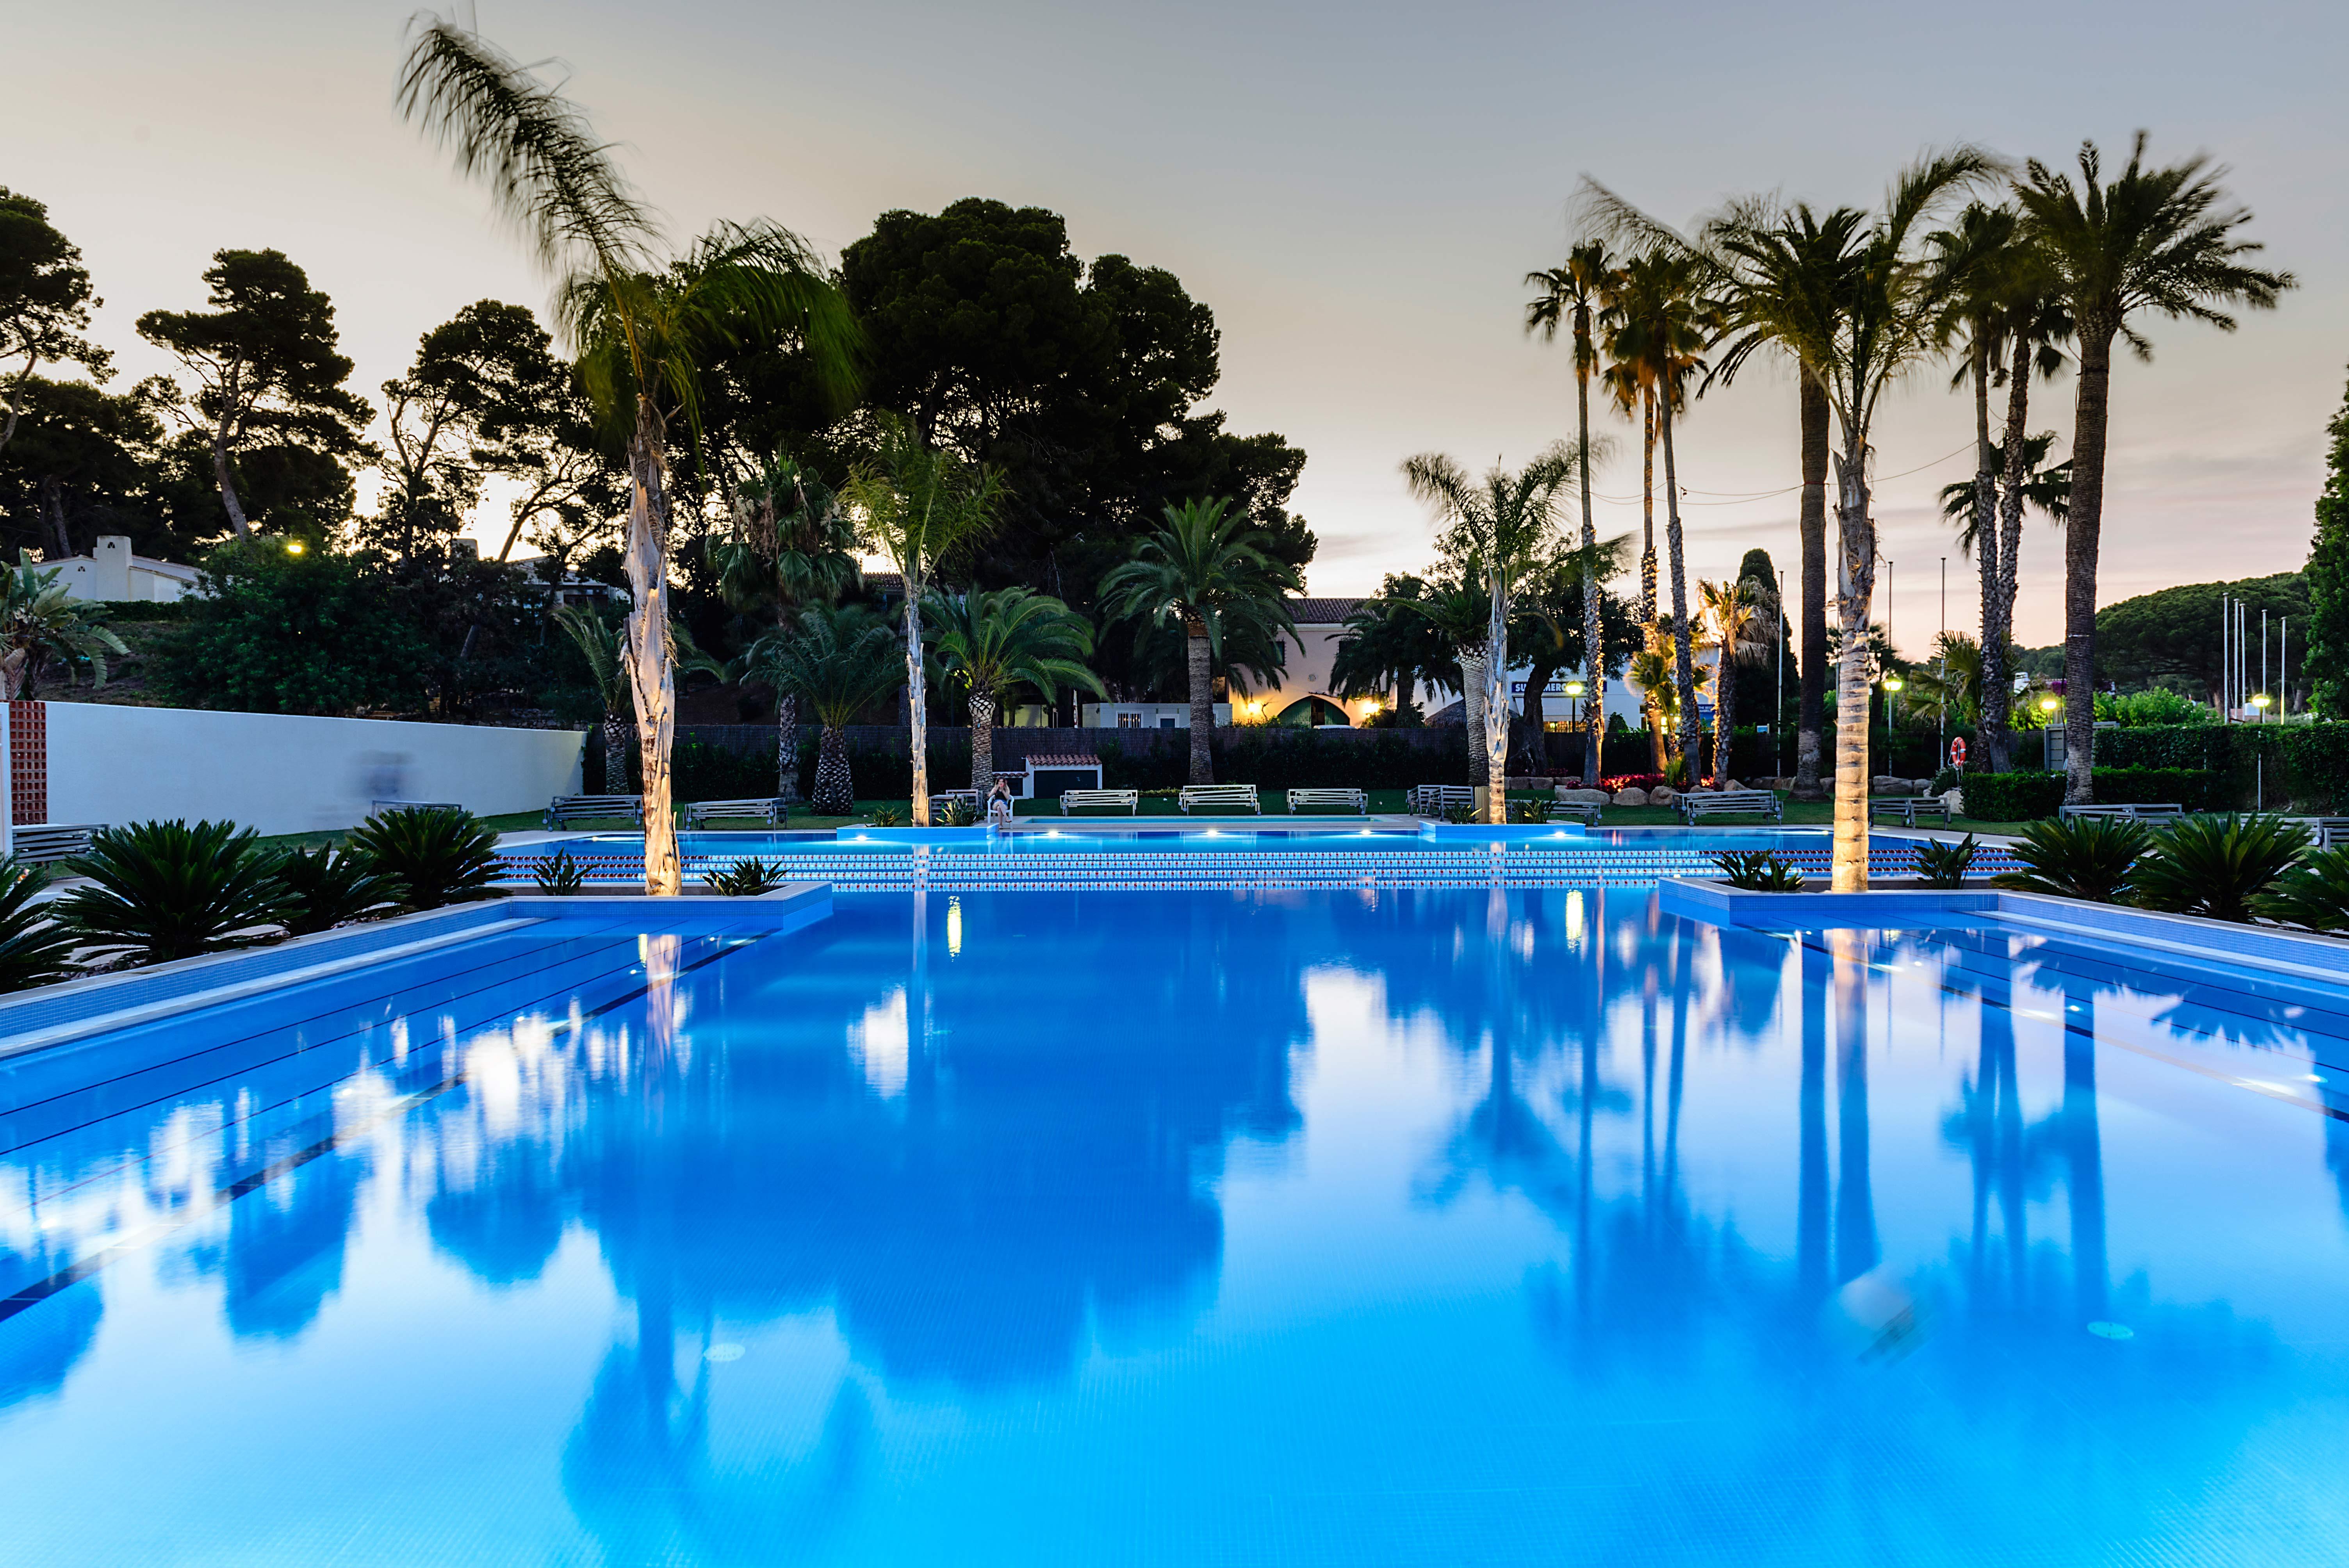 Cómo preparar su piscina para el verano 2021